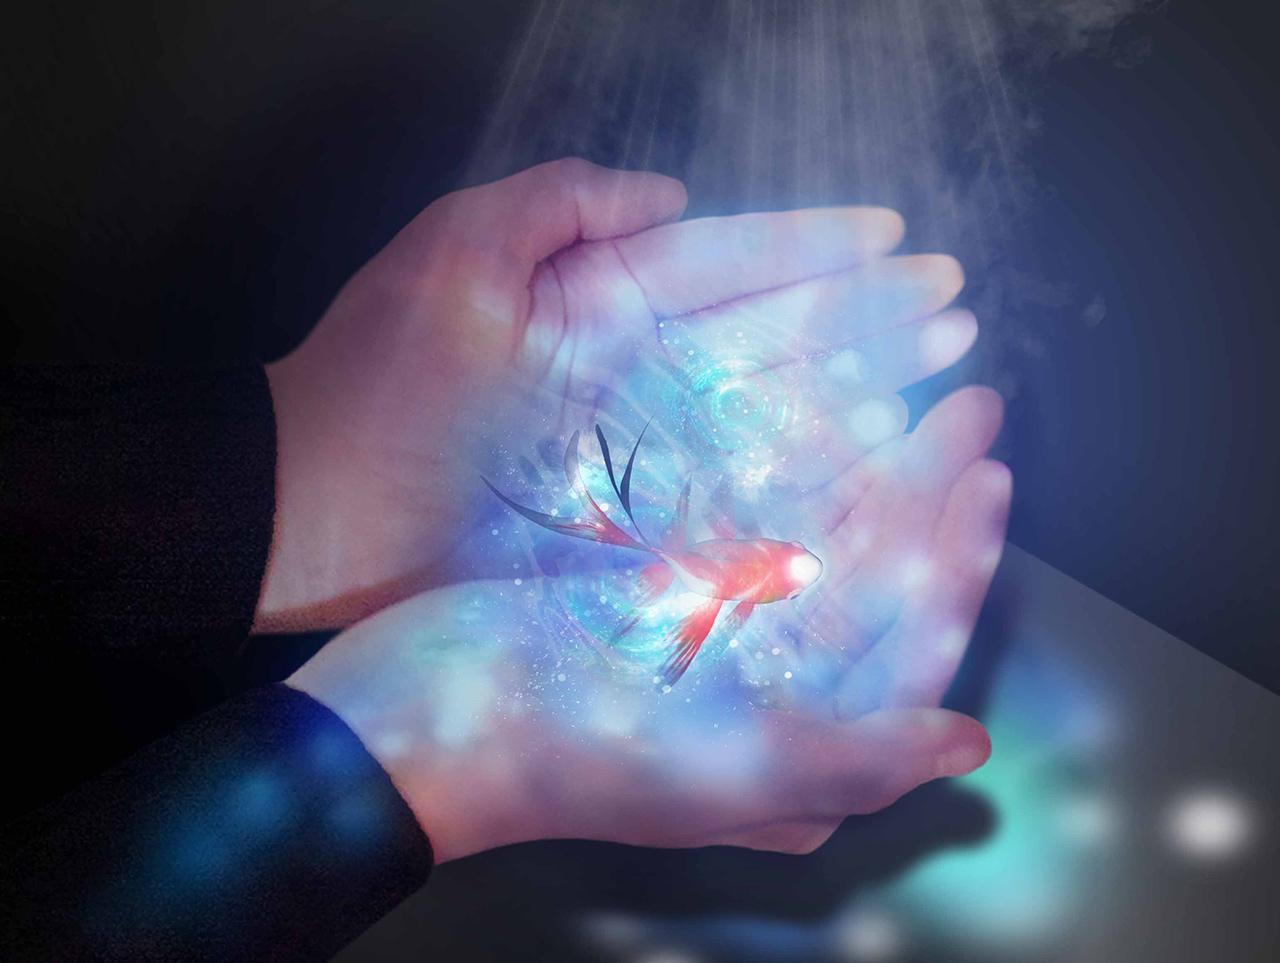 NAKED HANABI AQUARIUM : NAKED Tsukubai™ เมื่อยื่นมือออกไปรับสเปรย์แอลกอฮอล์ บนฝ่ามือจะปรากฏงานศิลปะรูปแบบต่างๆ ขึ้นพร้อมละอองสเปรย์แอลกอฮอล์ที่พ่นออกมา